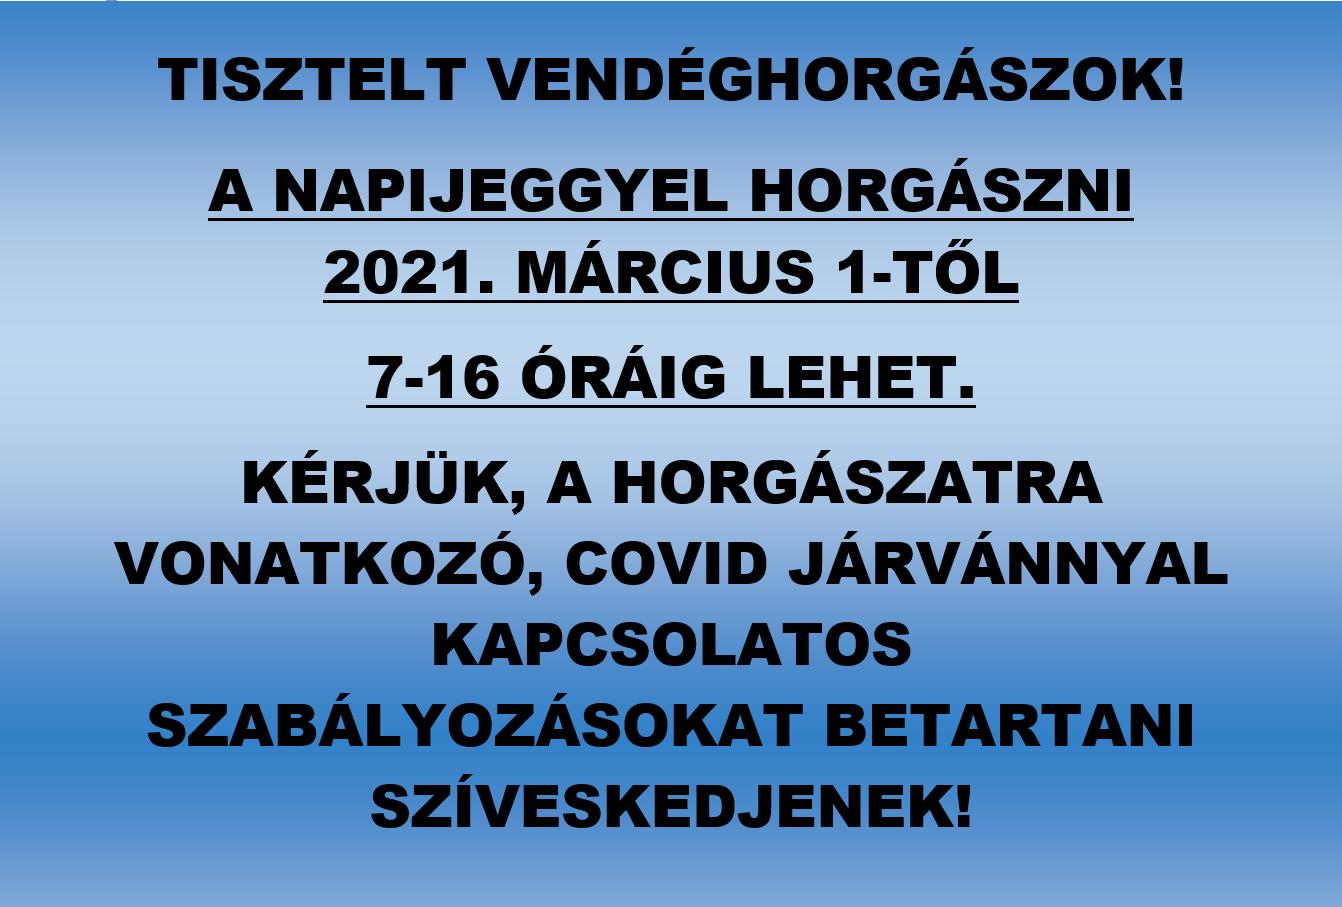 Napijegyes horgászat 2021. március 1-től